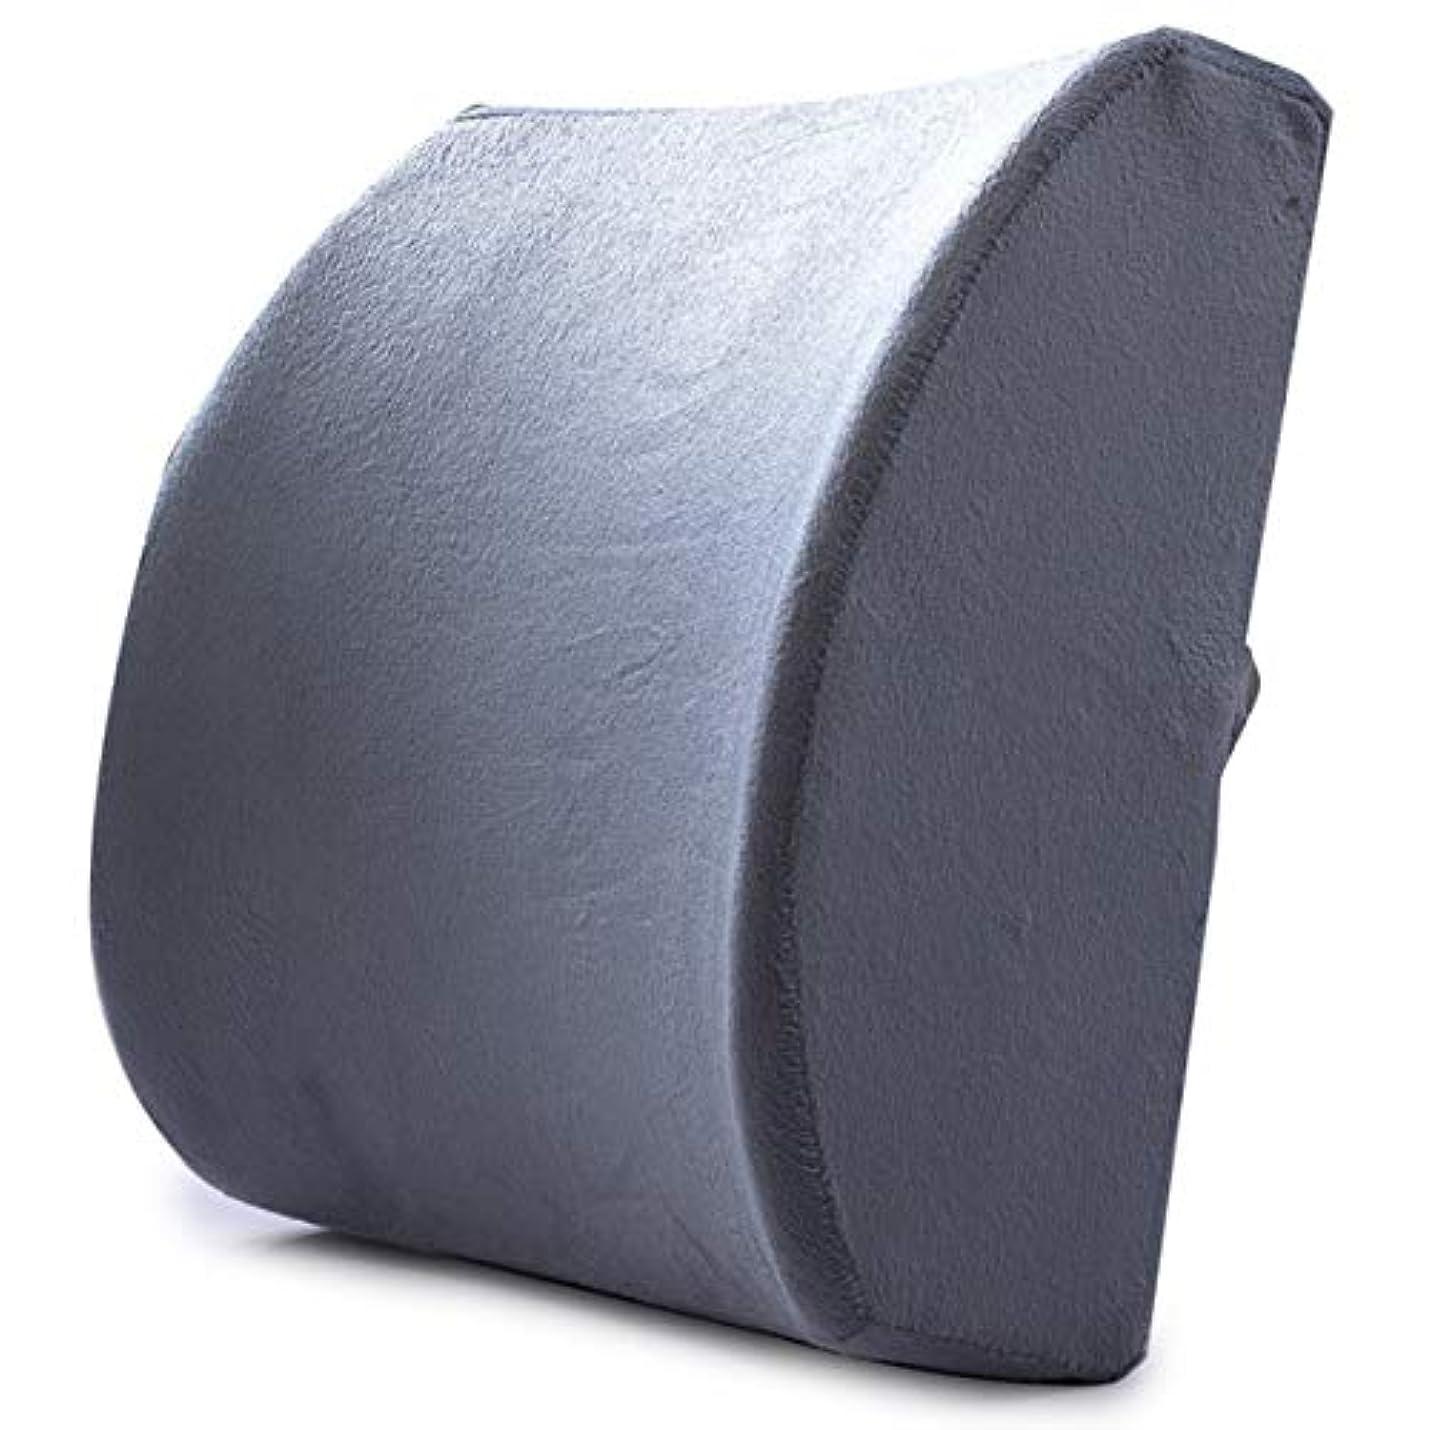 暗殺する年齢急降下Memory Foam Lumbar Support Waist Cushion Pillow For Chairs in the Car Seat Pillows Home Office Relieve Pain